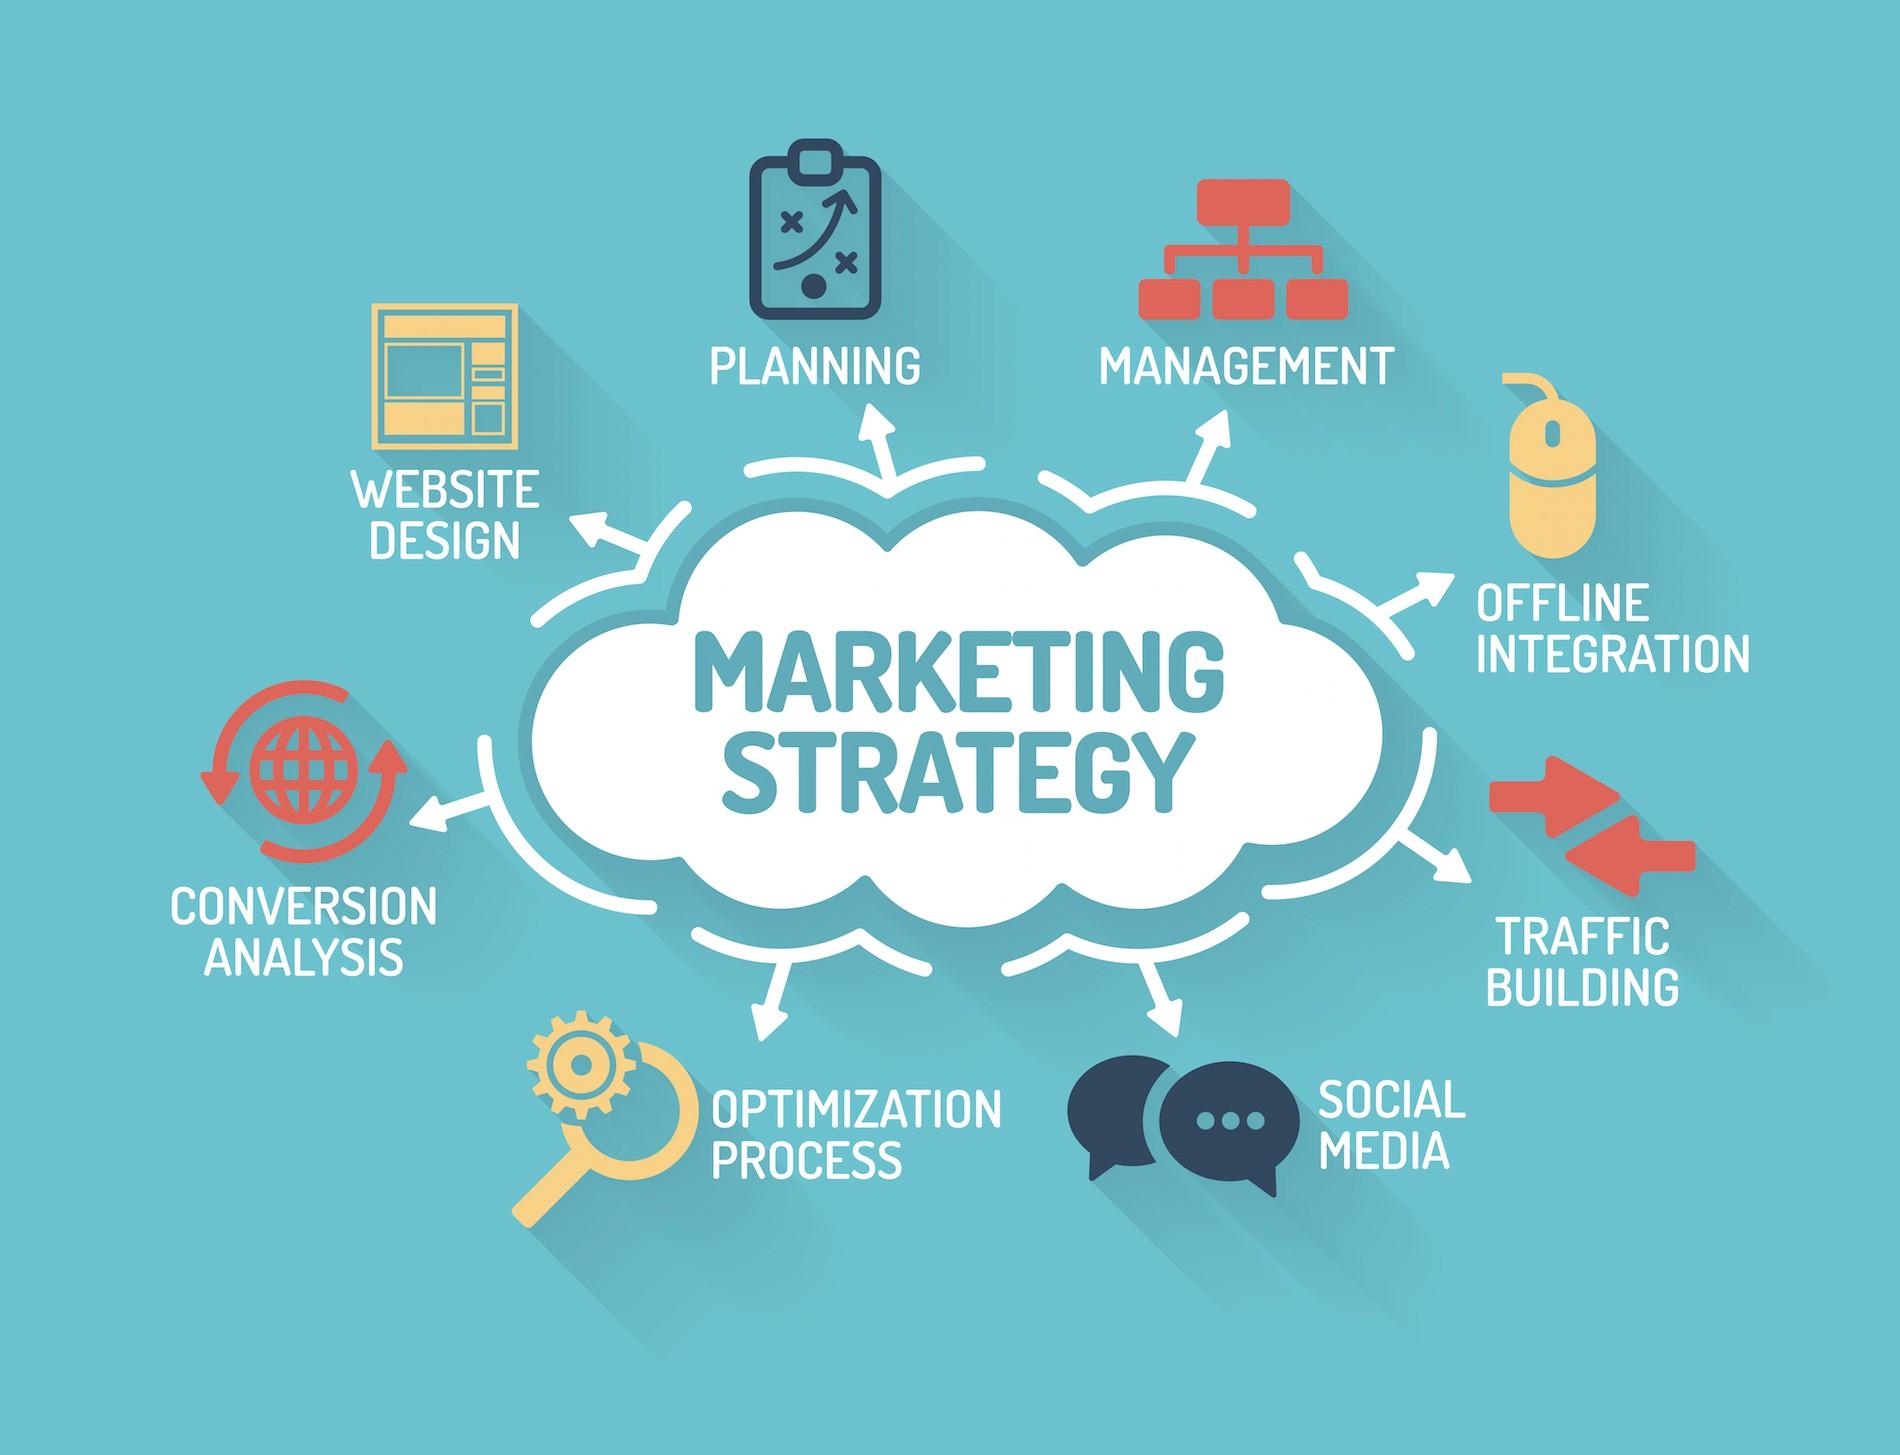 khám phá sức hút của ngành marketing trong nền kinh tế hiện tại